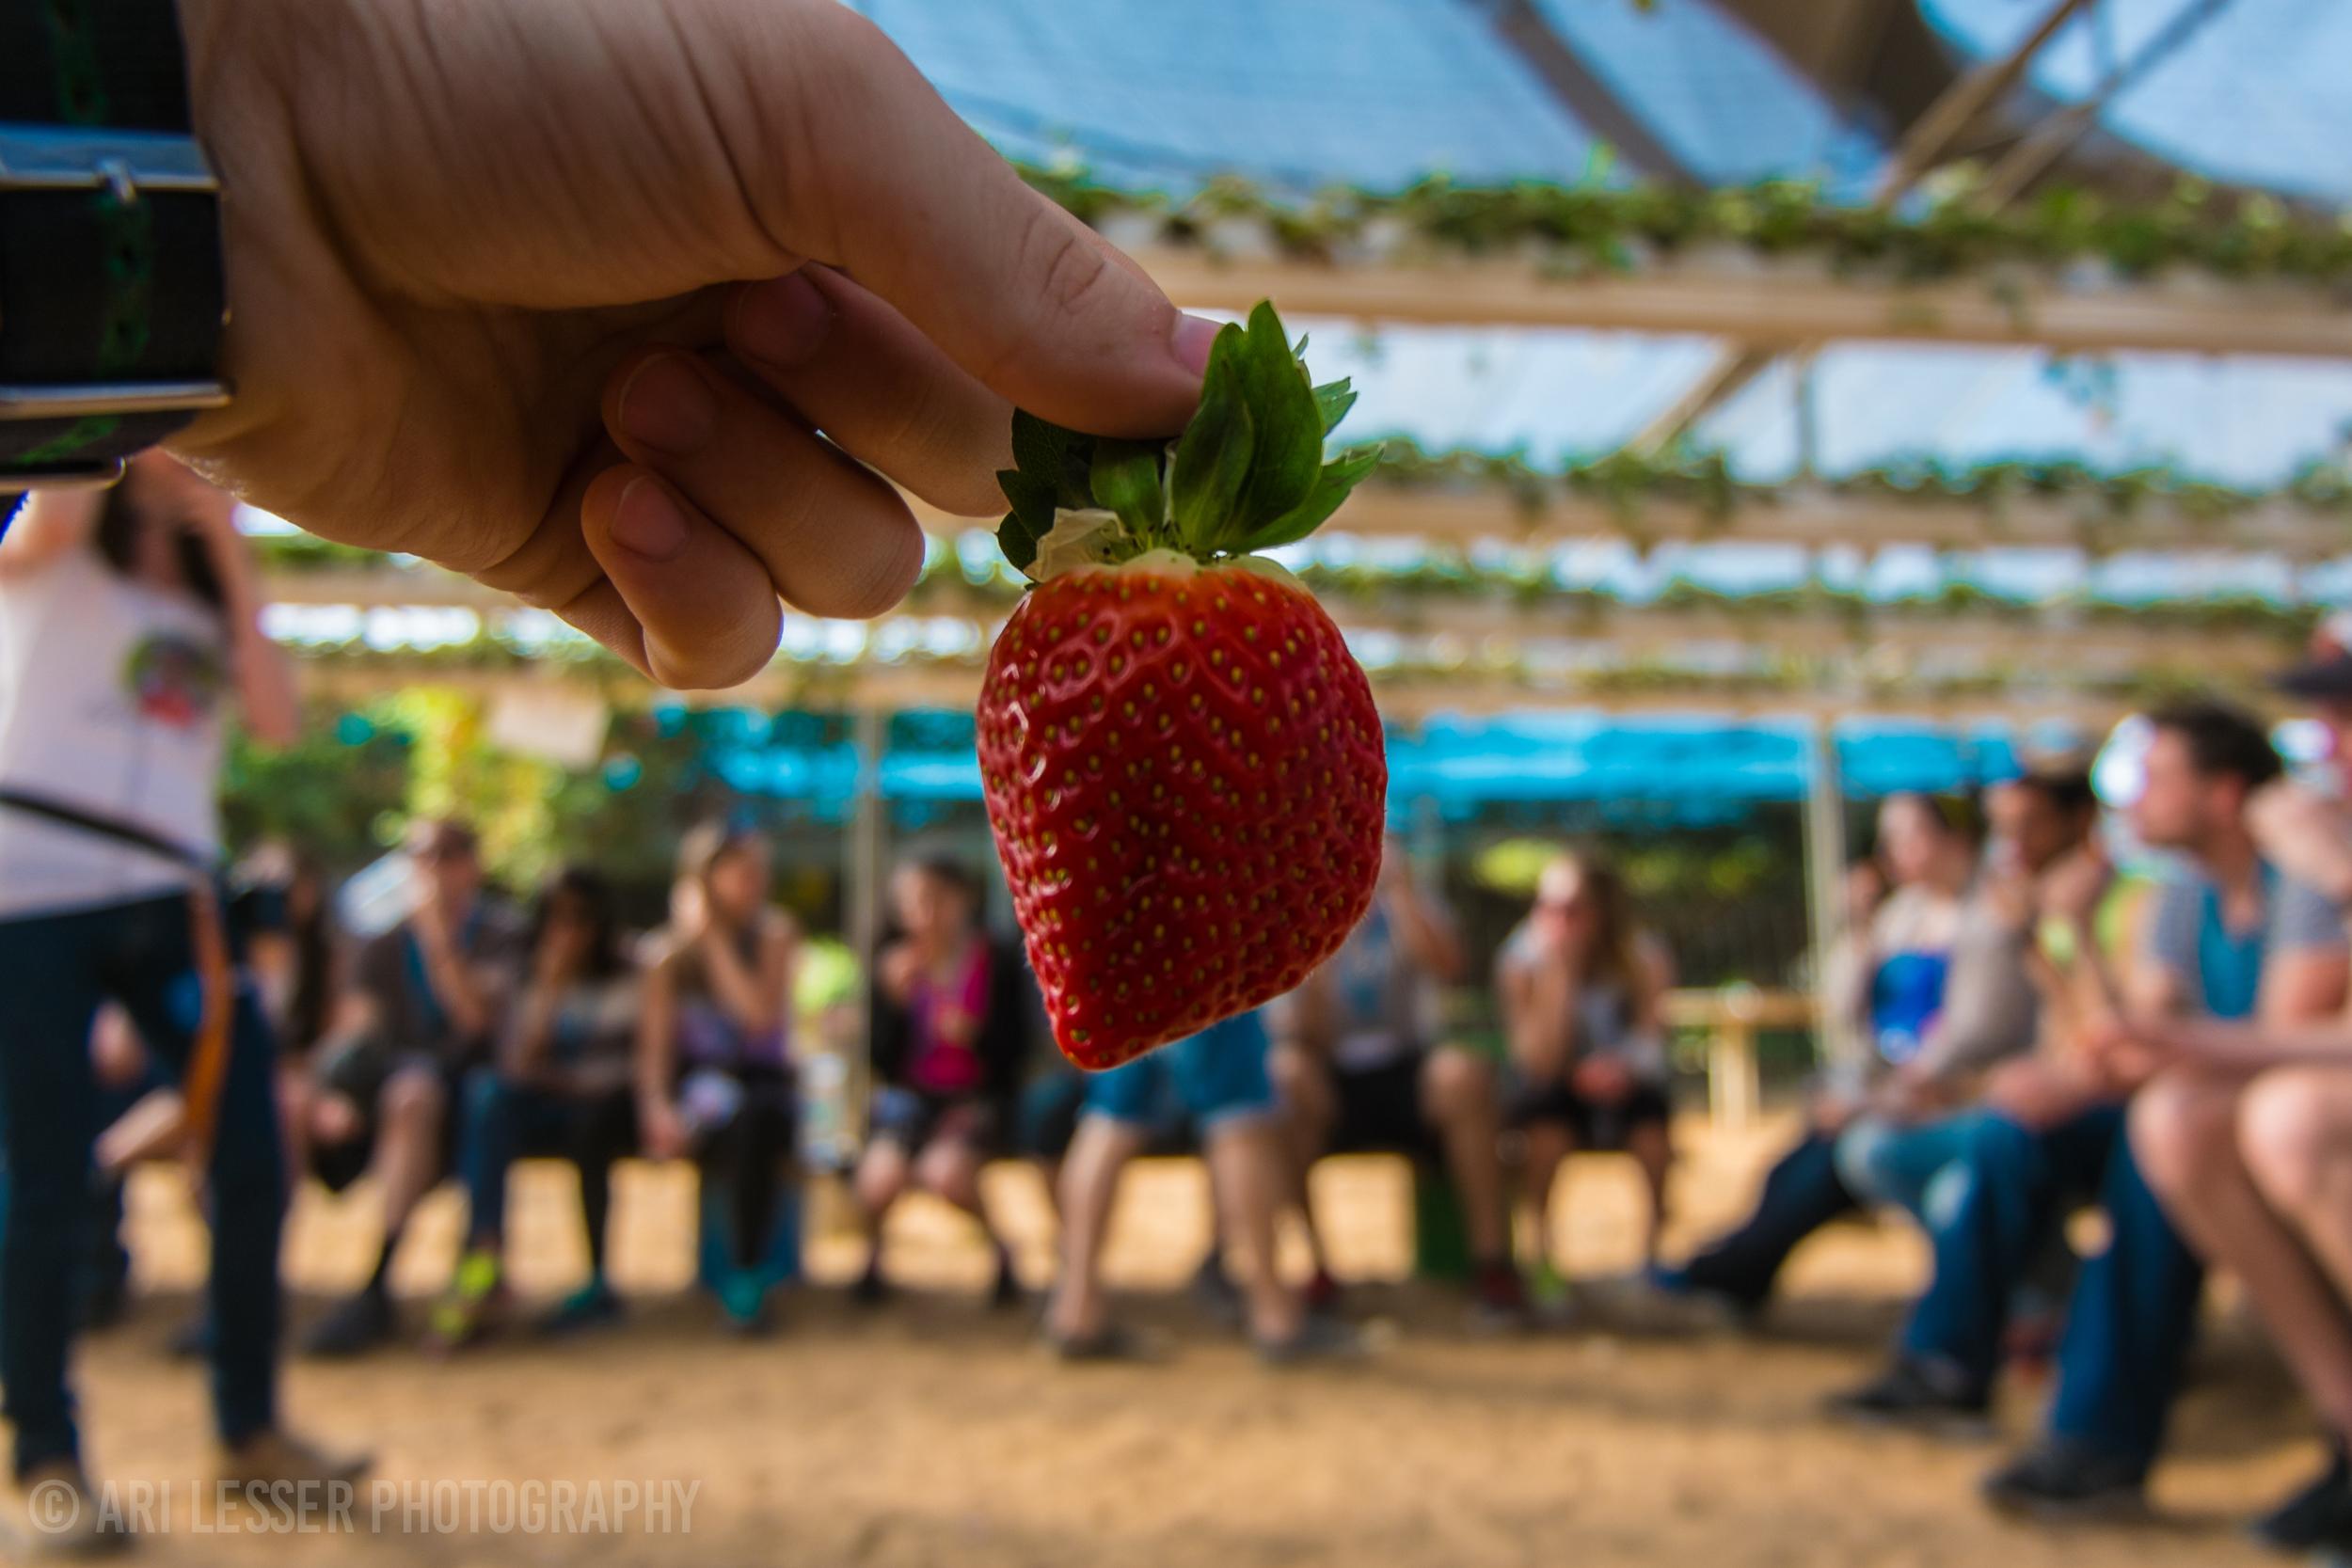 Fresh strawberries. DANK.